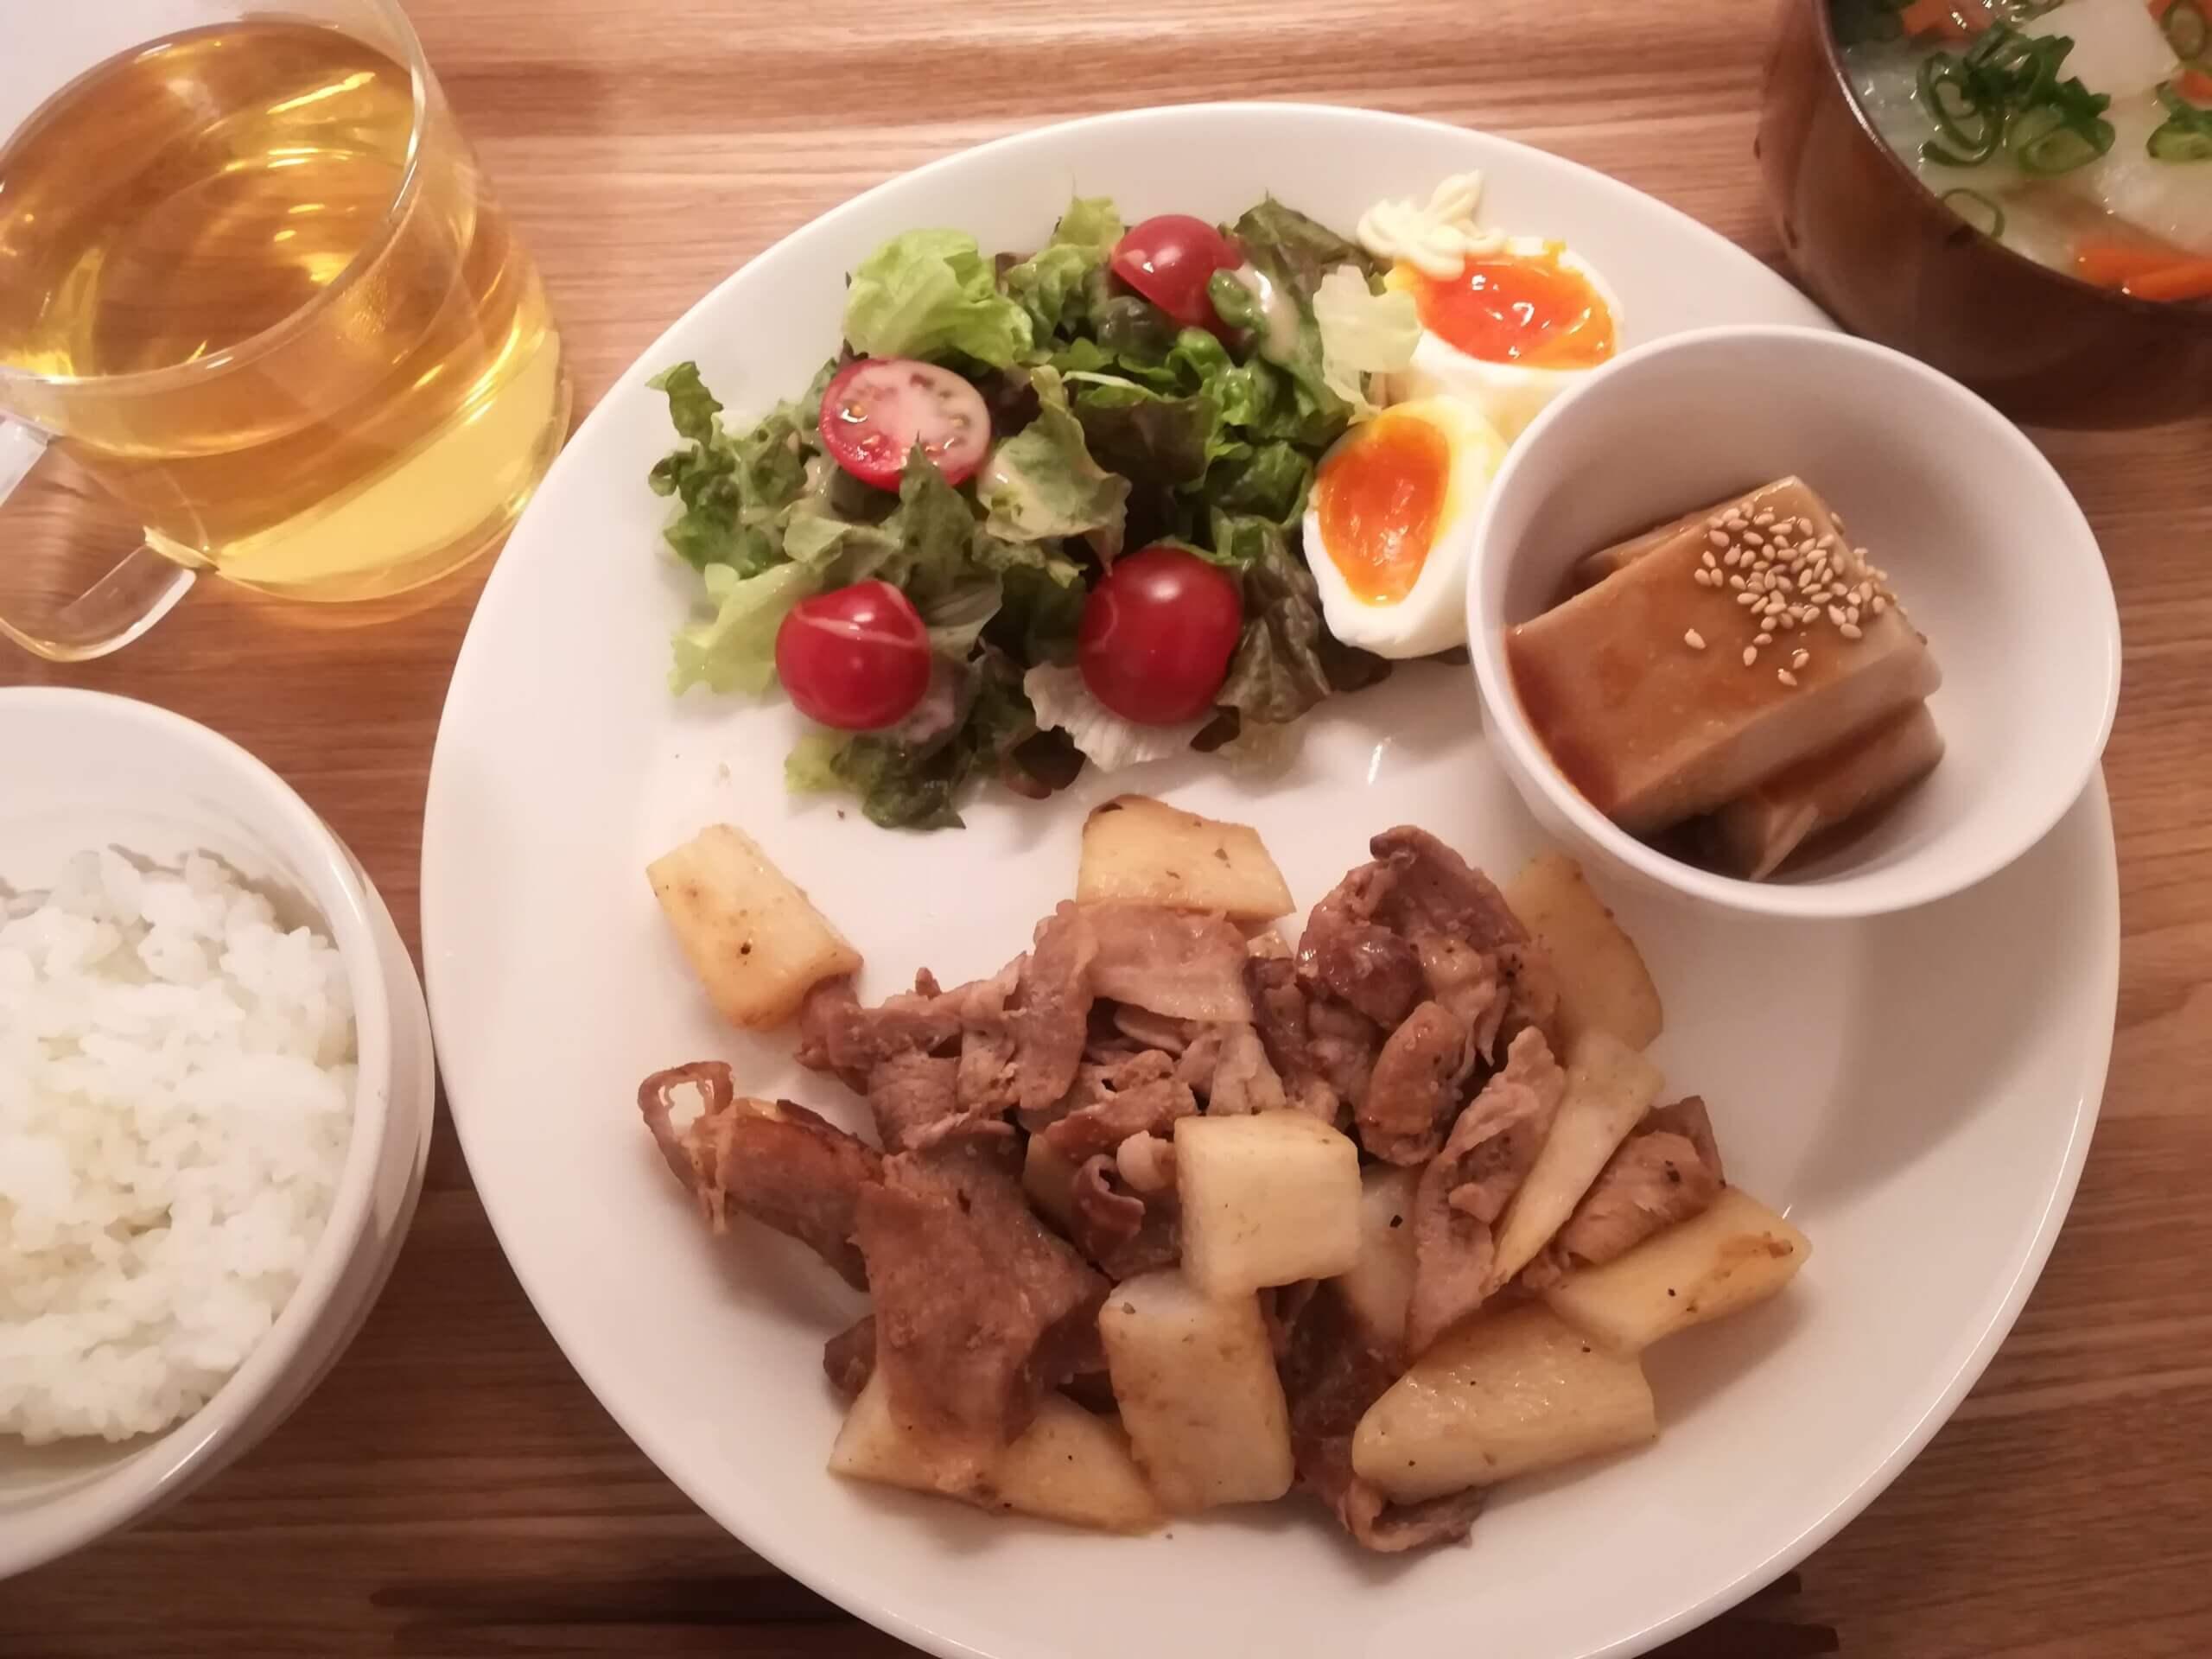 フレンチトースト/長いもと豚肉の炒めもの/MOWの宇治抹茶